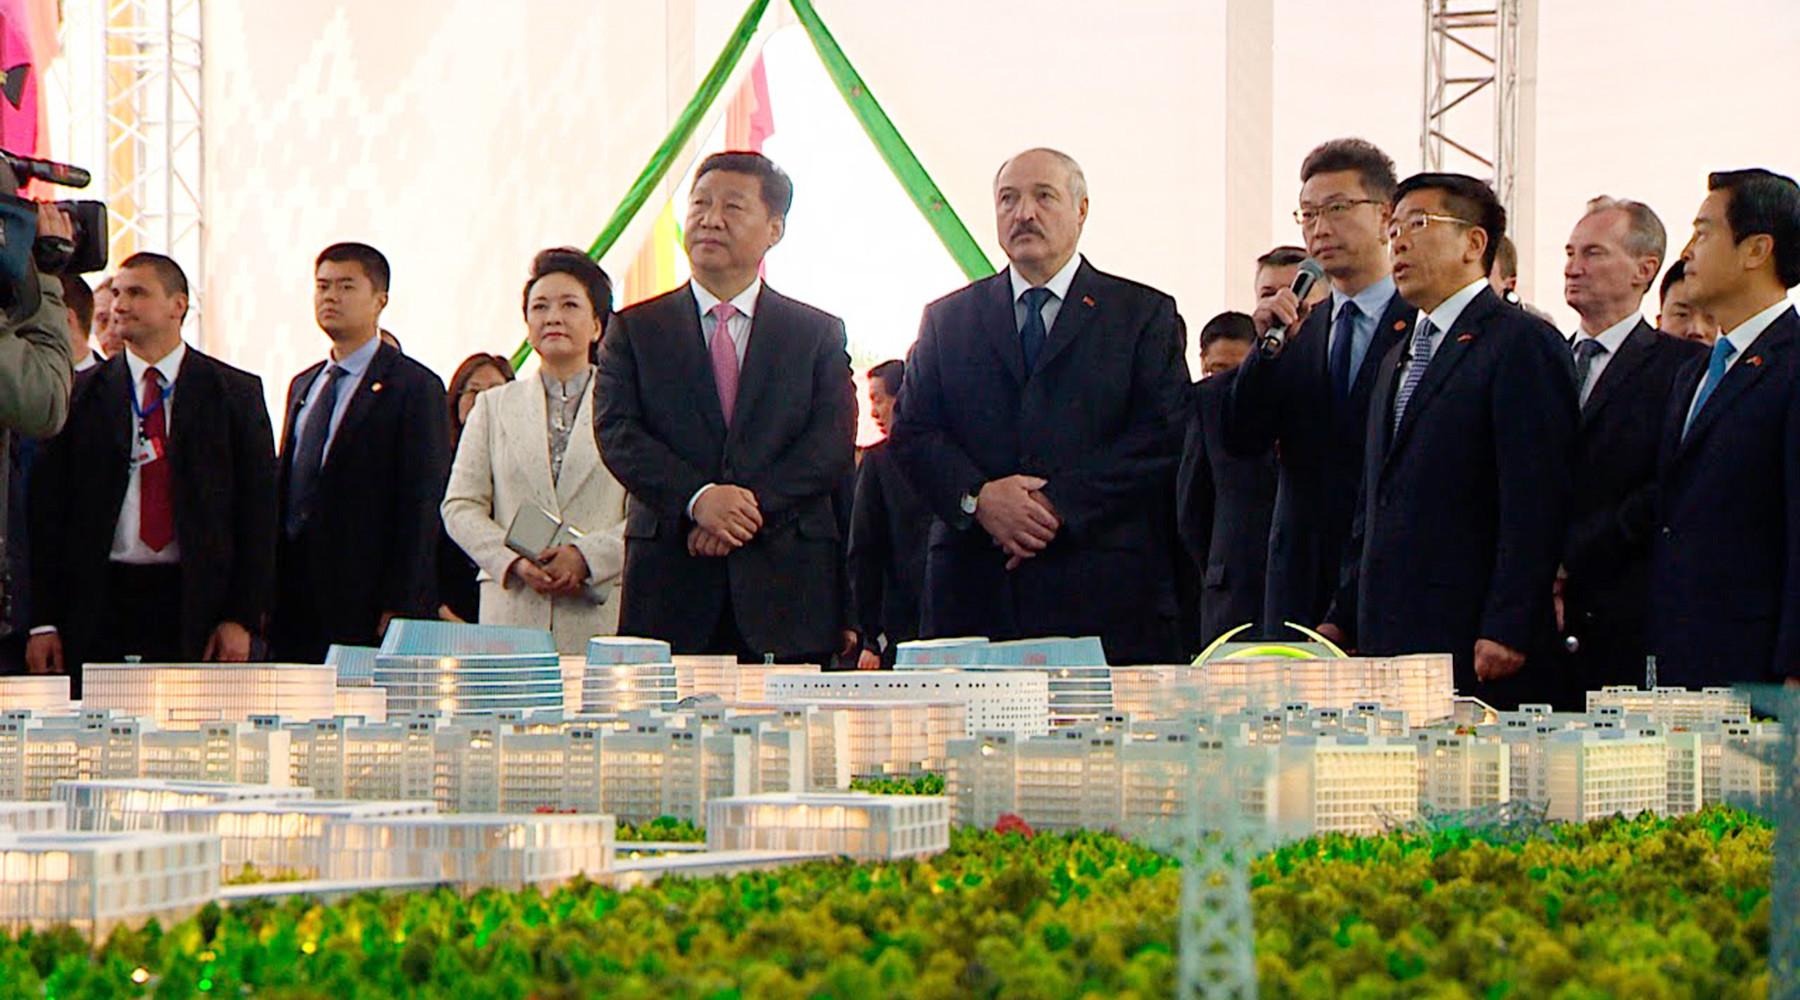 Превратится ли Белоруссия в склад китайского ширпотреба